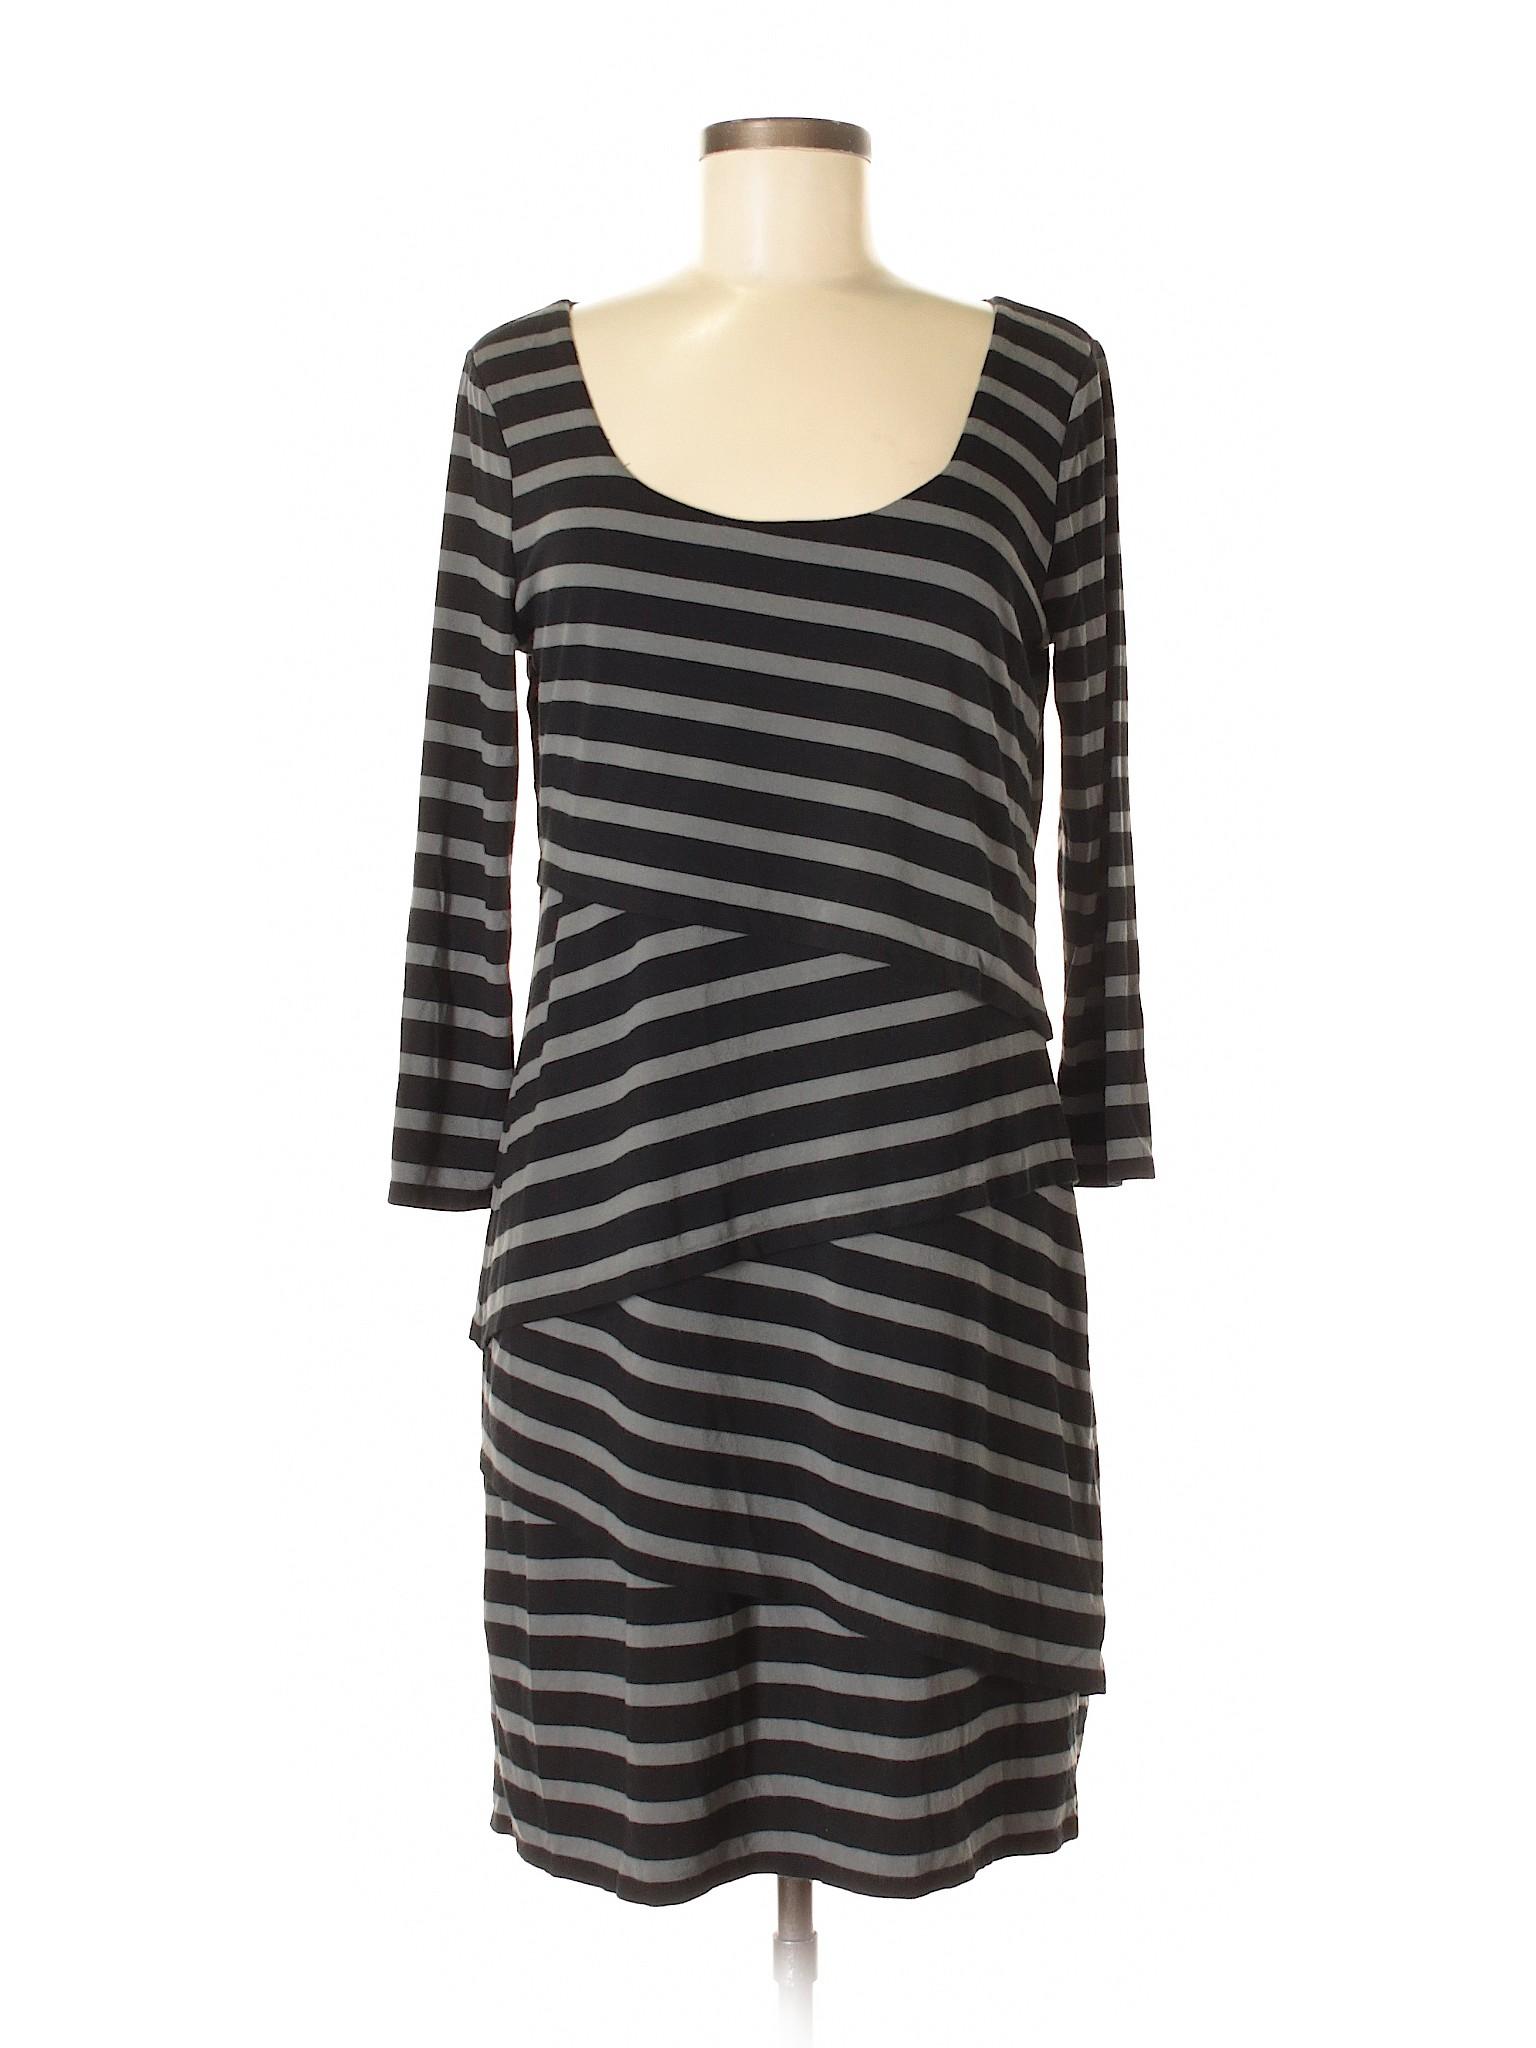 Taylor Casual Ann Outlet LOFT Boutique winter Dress wvxSnU